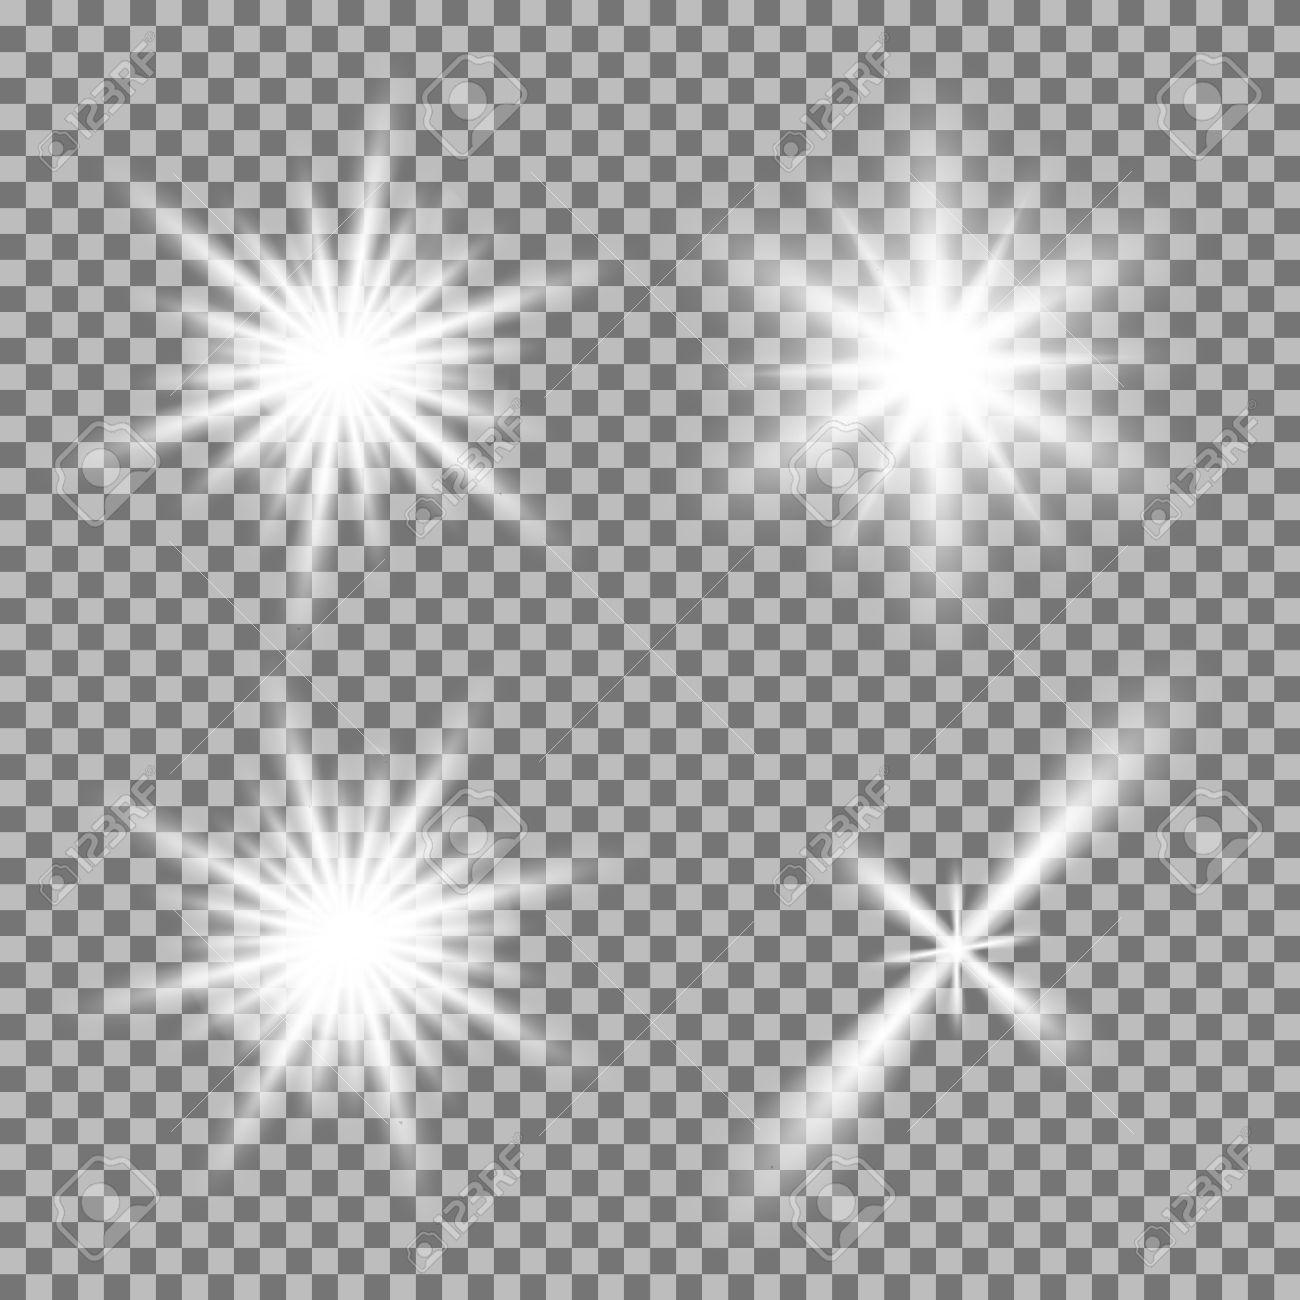 Sparkle Clipart No Background.